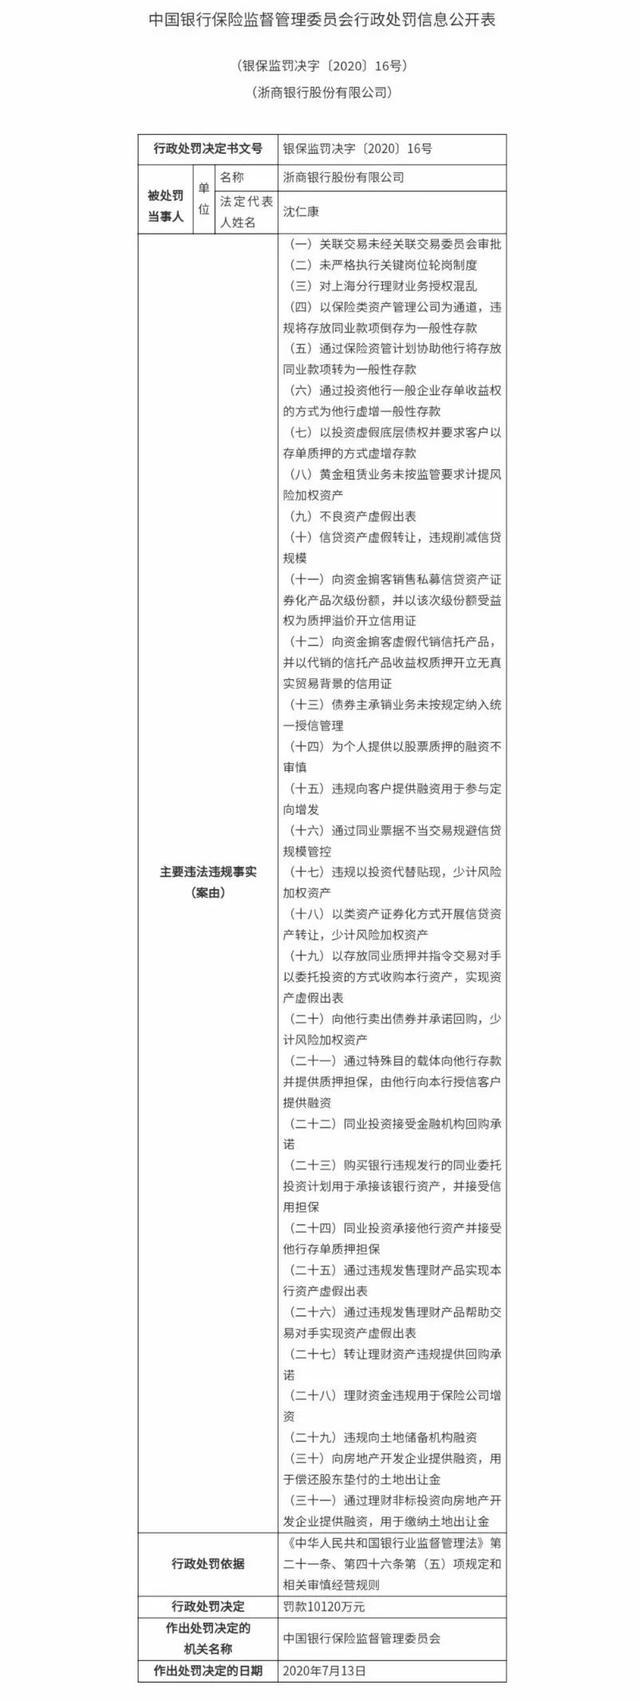 浙商银行上海分行收亿元巨额罚单 理财及同业业务多处违规